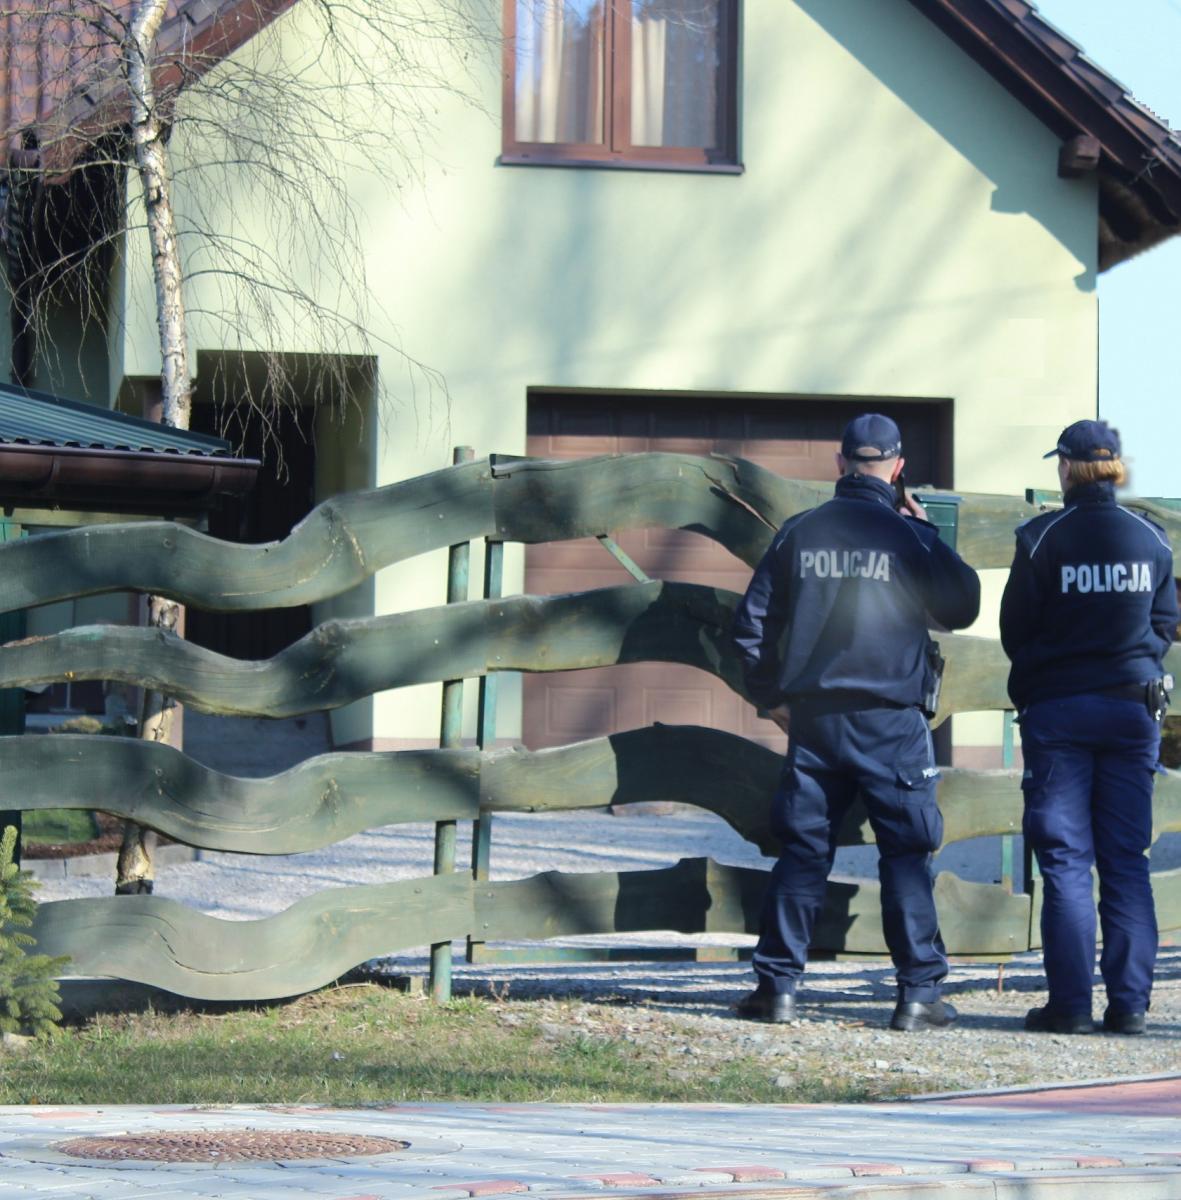 Policjanci kontrolują osoby, które są objęte kwarantanną